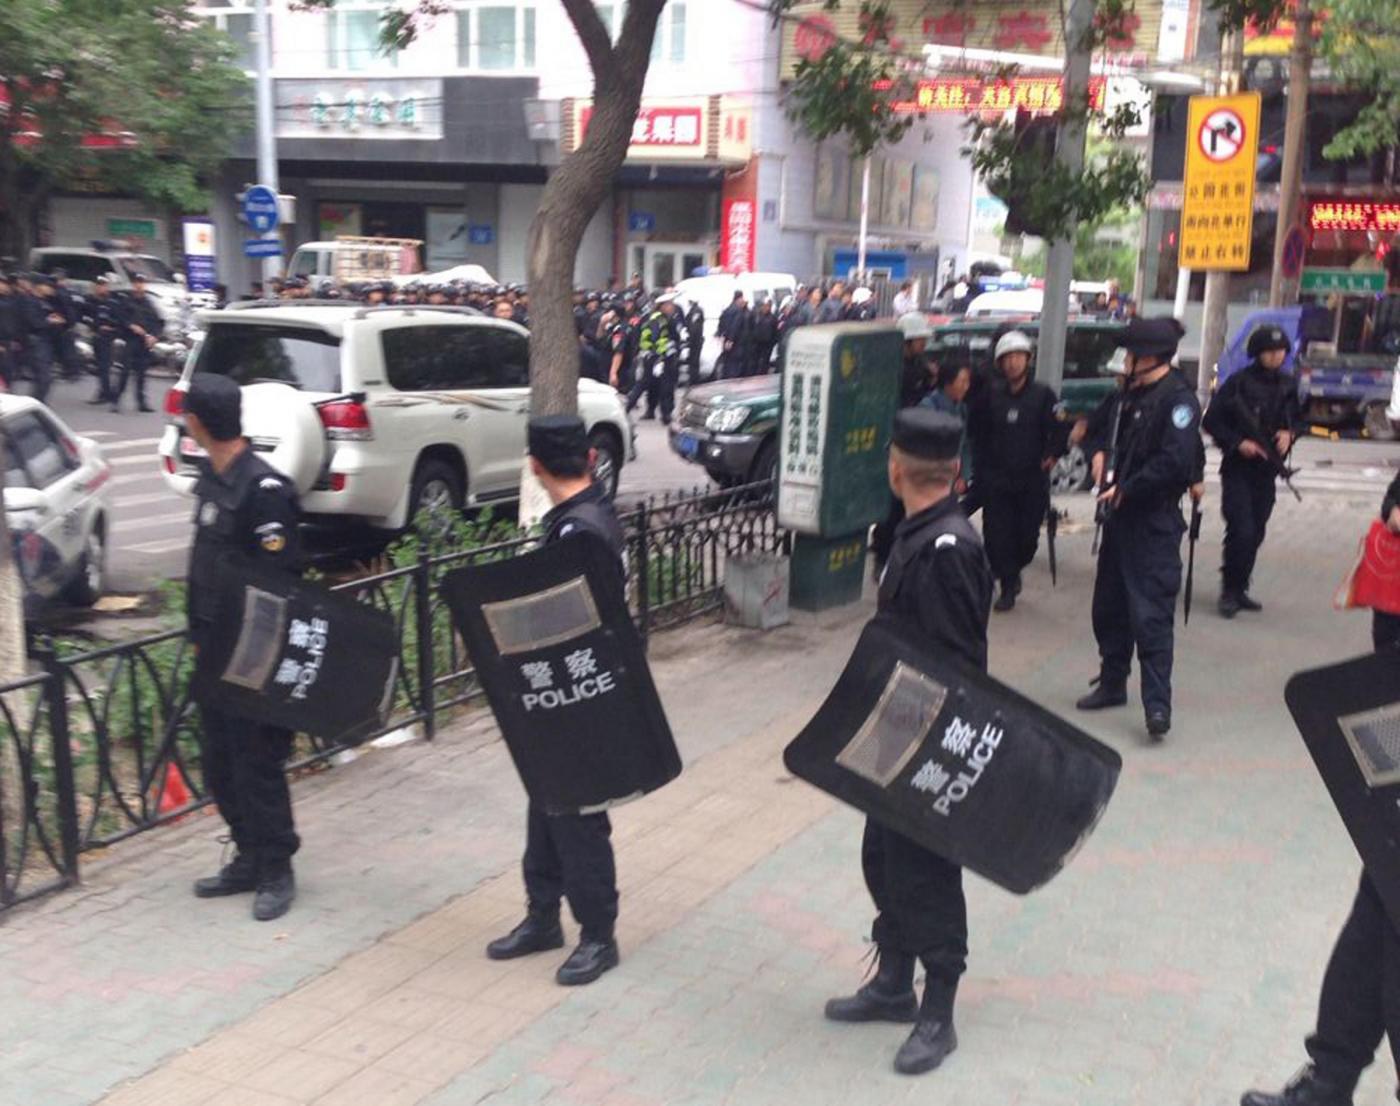 Attentato in Cina, bombe a mano contro un mercato: 31 morti e 94 feriti